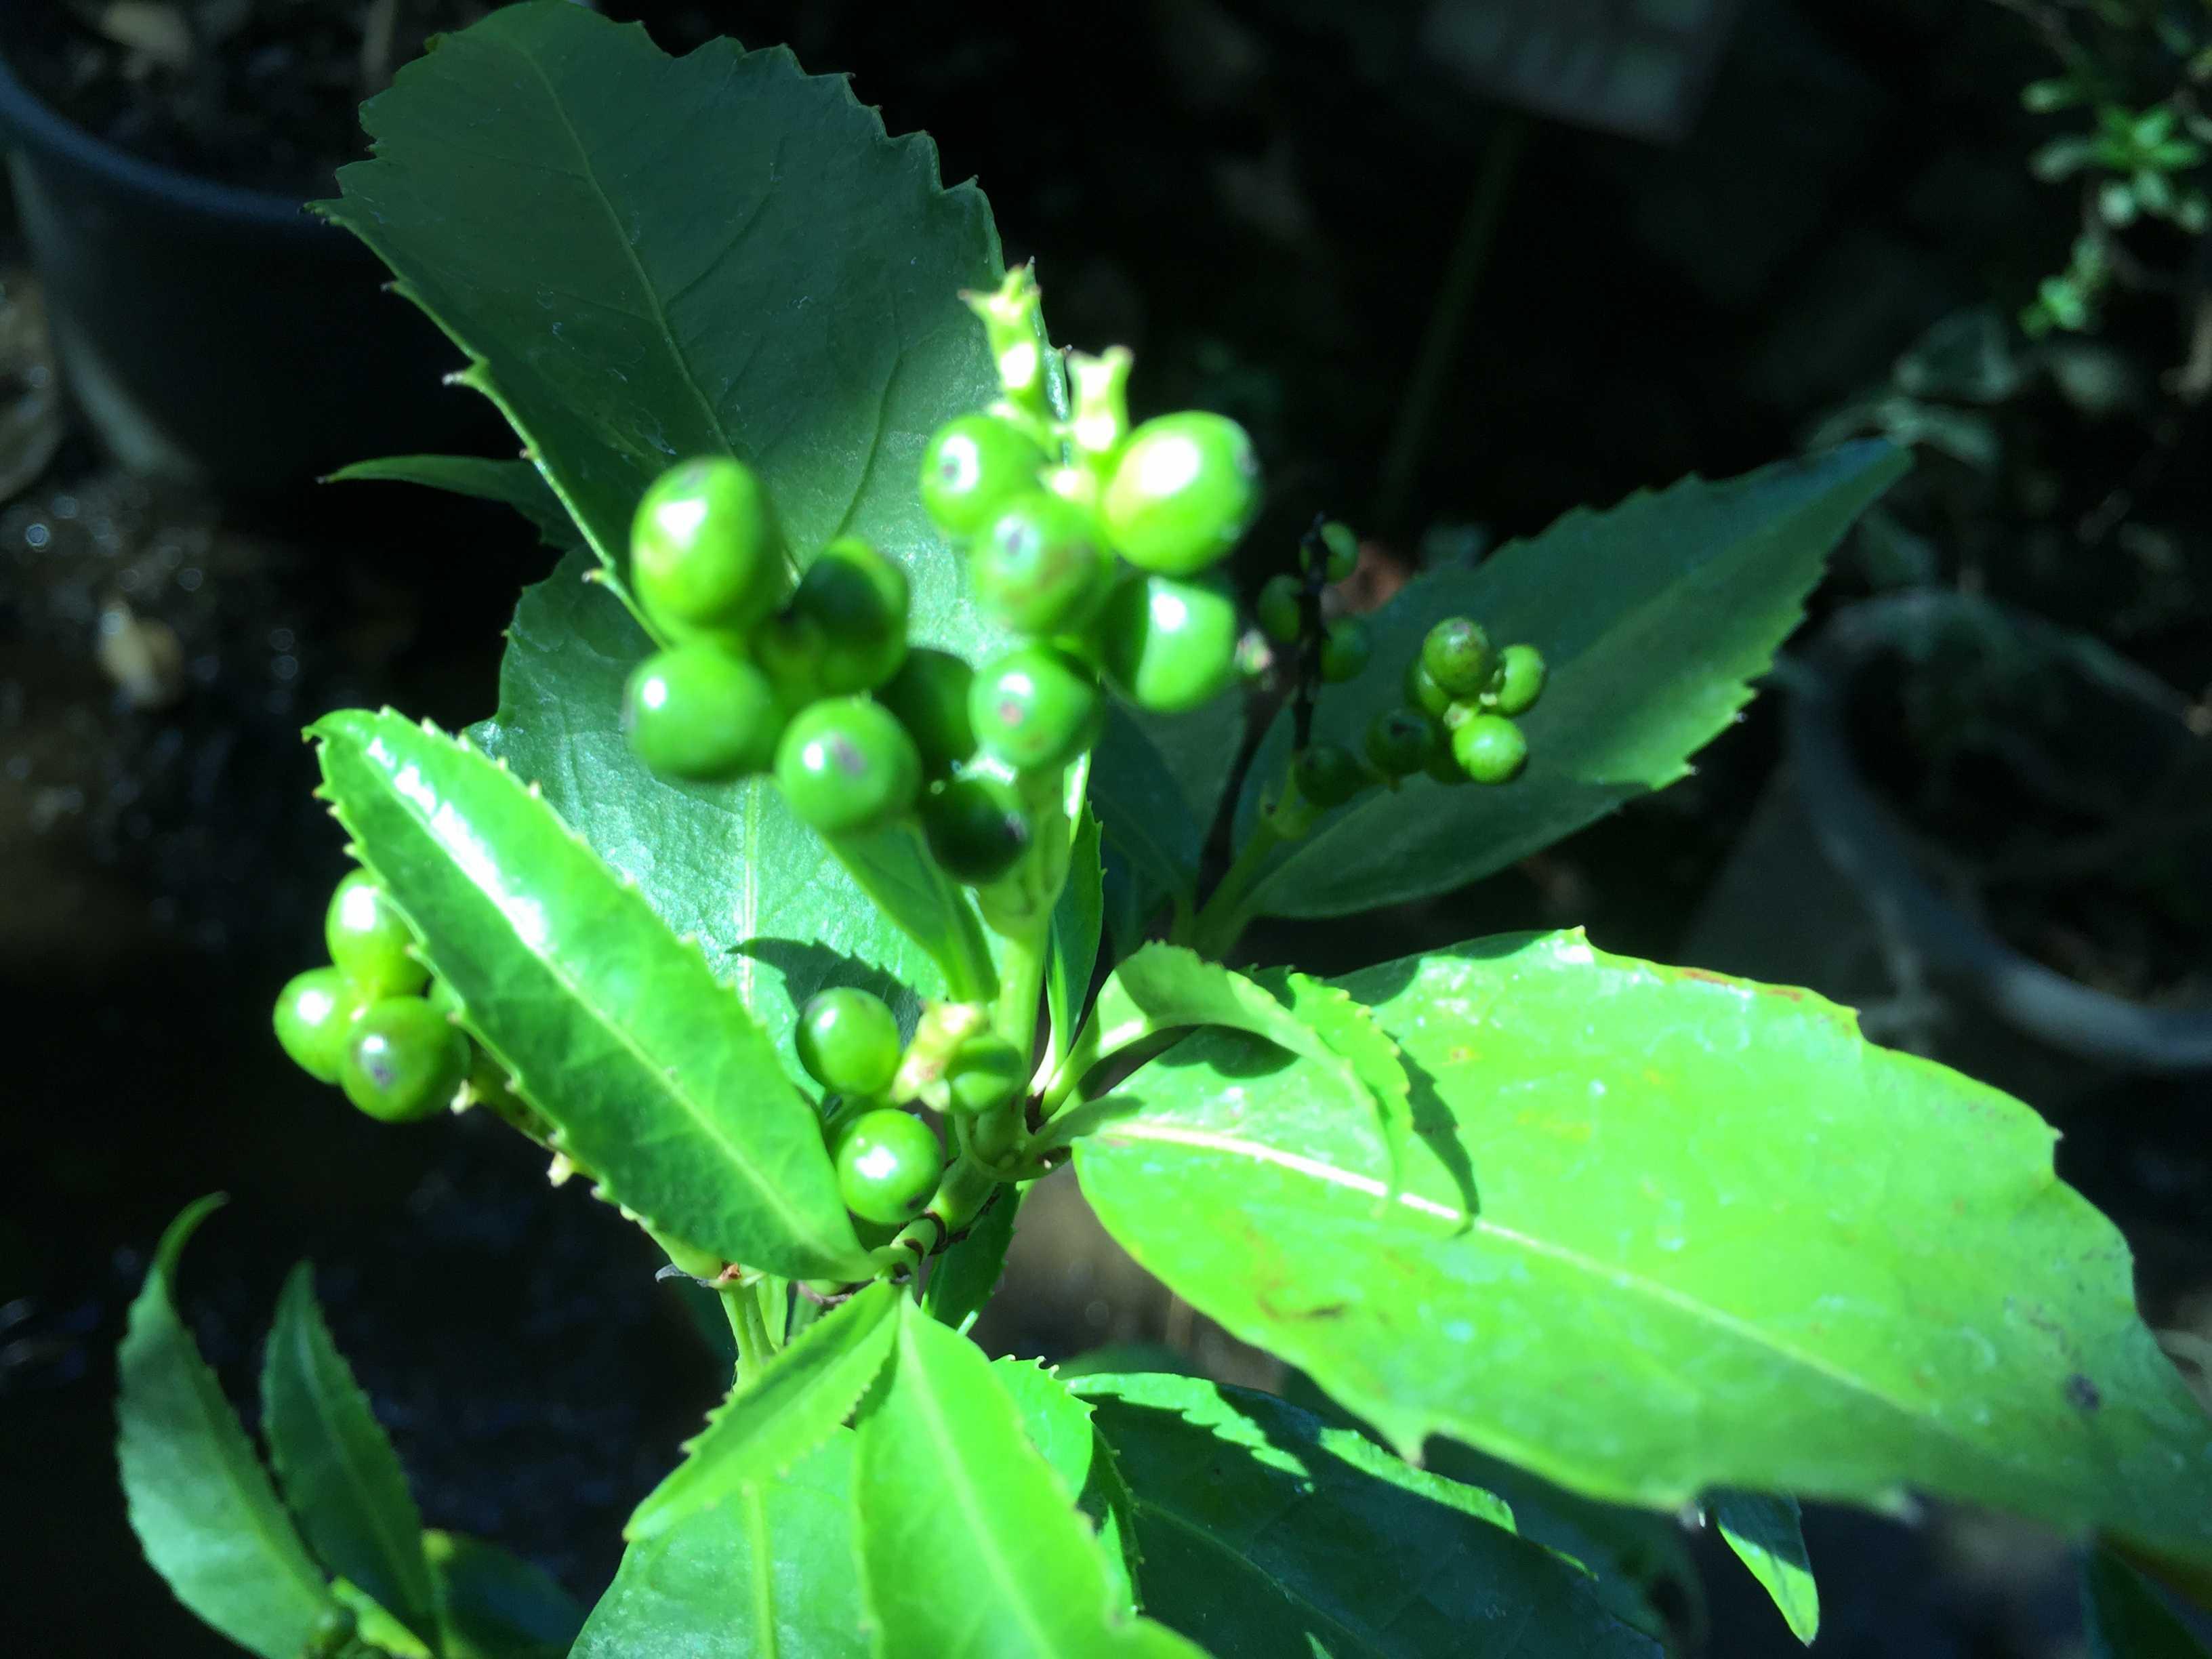 黄実の千両(キミノセンリョウ) の植え付け - 鮮烈な緑色の葉っぱ